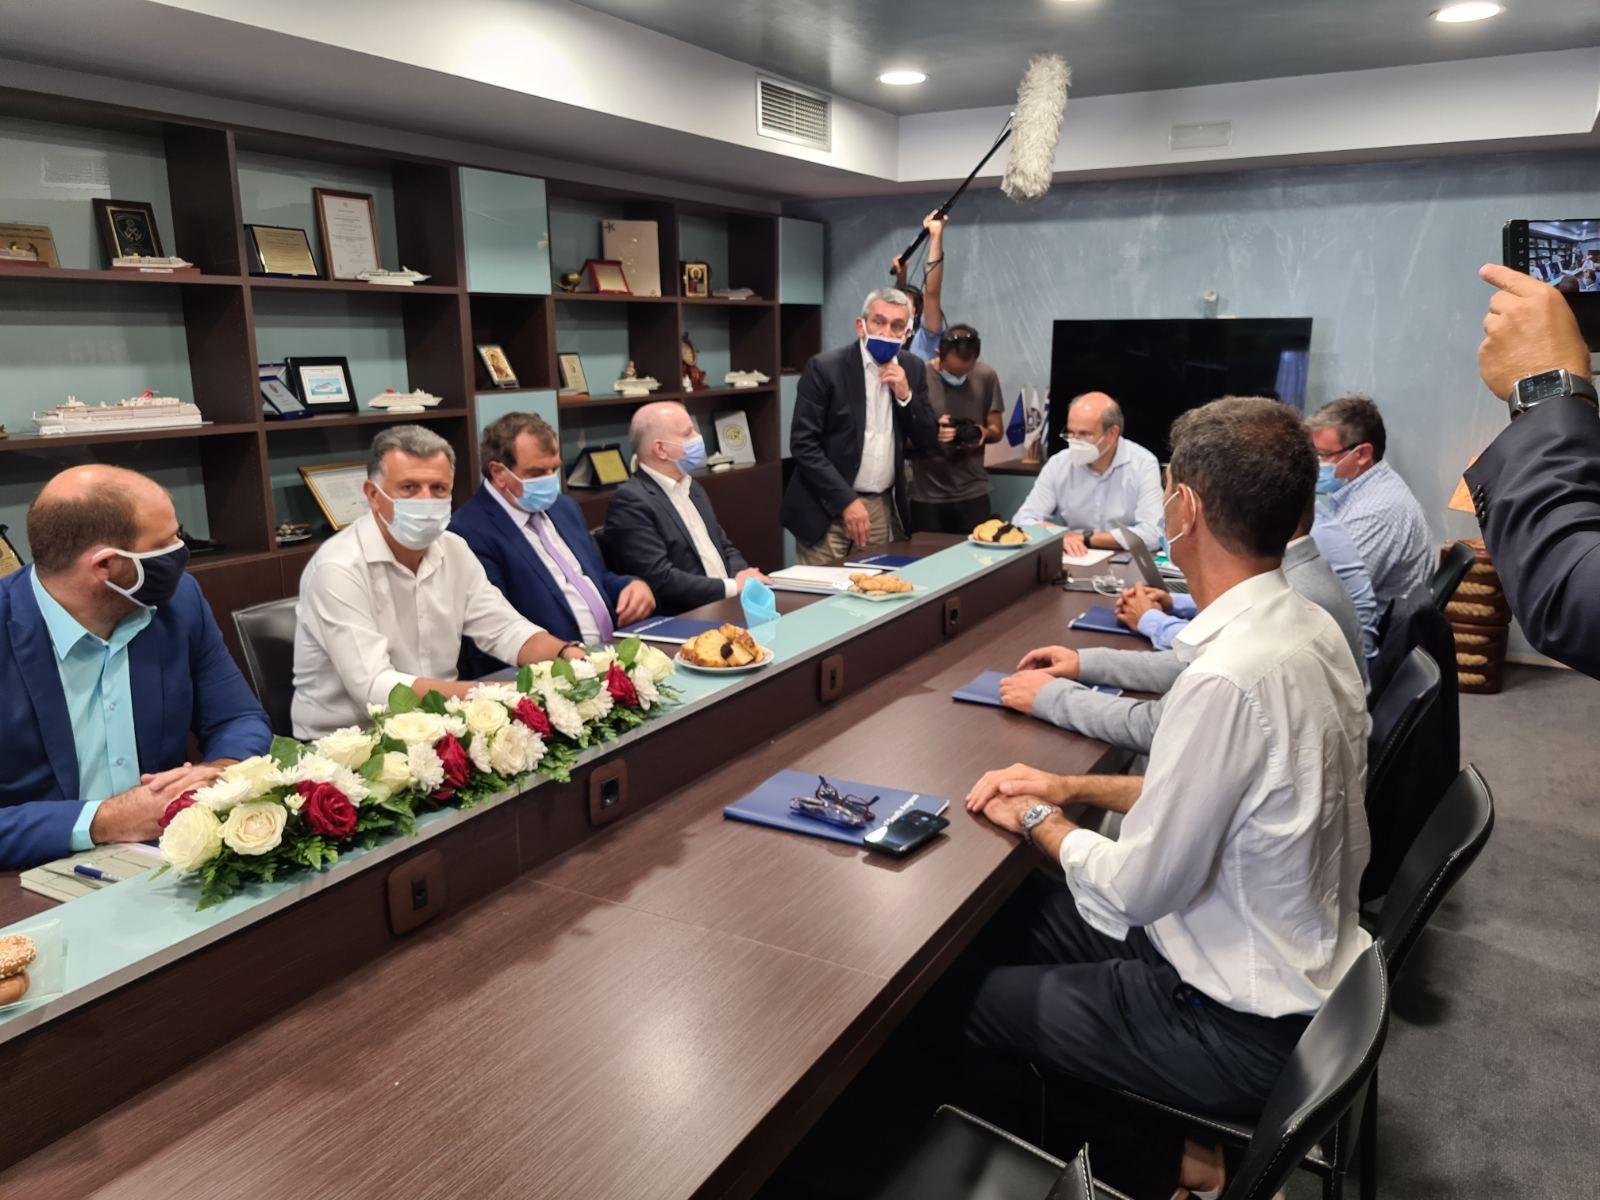 Επίσπευση της δημοπράτησης κρίσιμων έργων διαχείρισης αποβλήτων στα νησιά, σε συνεργασία Περιφέρειας Ν. Αιγαίου και ΦΟΔΣΑ N. Aιγαίου Α.Ε.